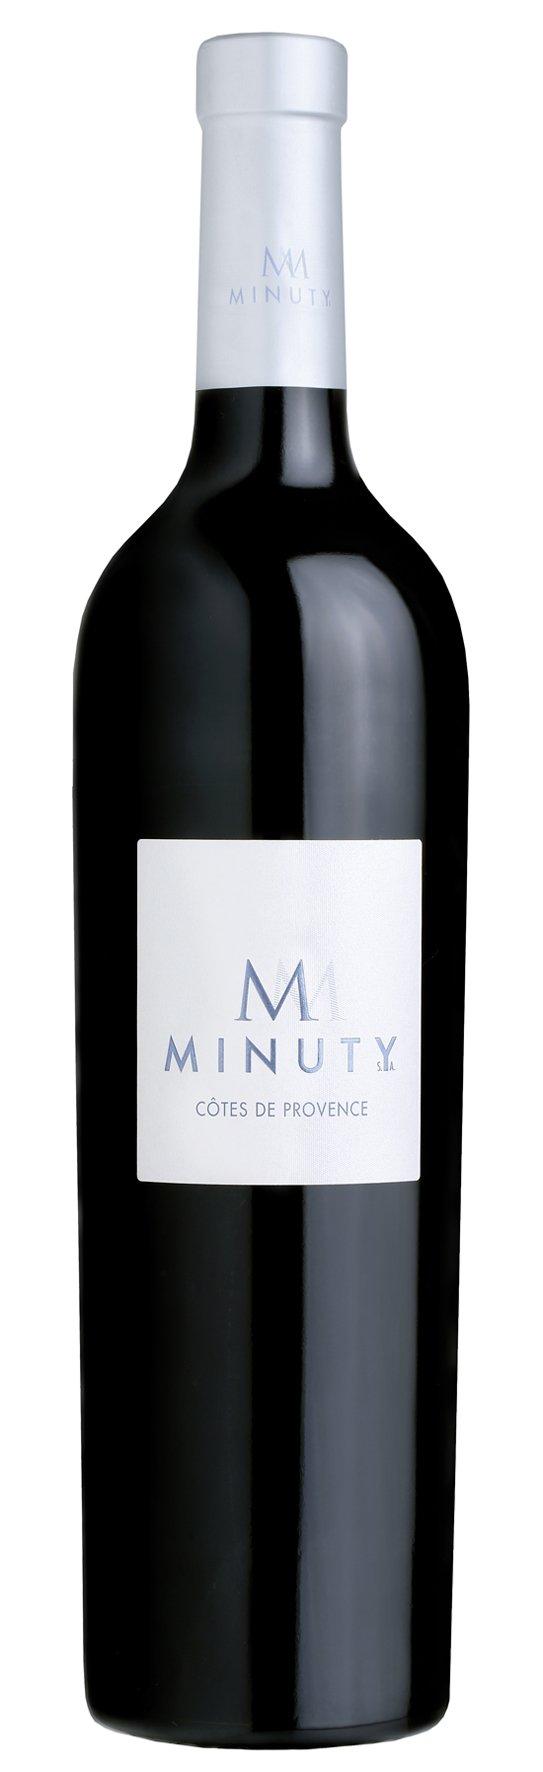 6x-075l-2017er-Chteau-Minuty-Cuve-M-Rouge-Ctes-de-Provence-AP-Frankreich-Rotwein-trocken